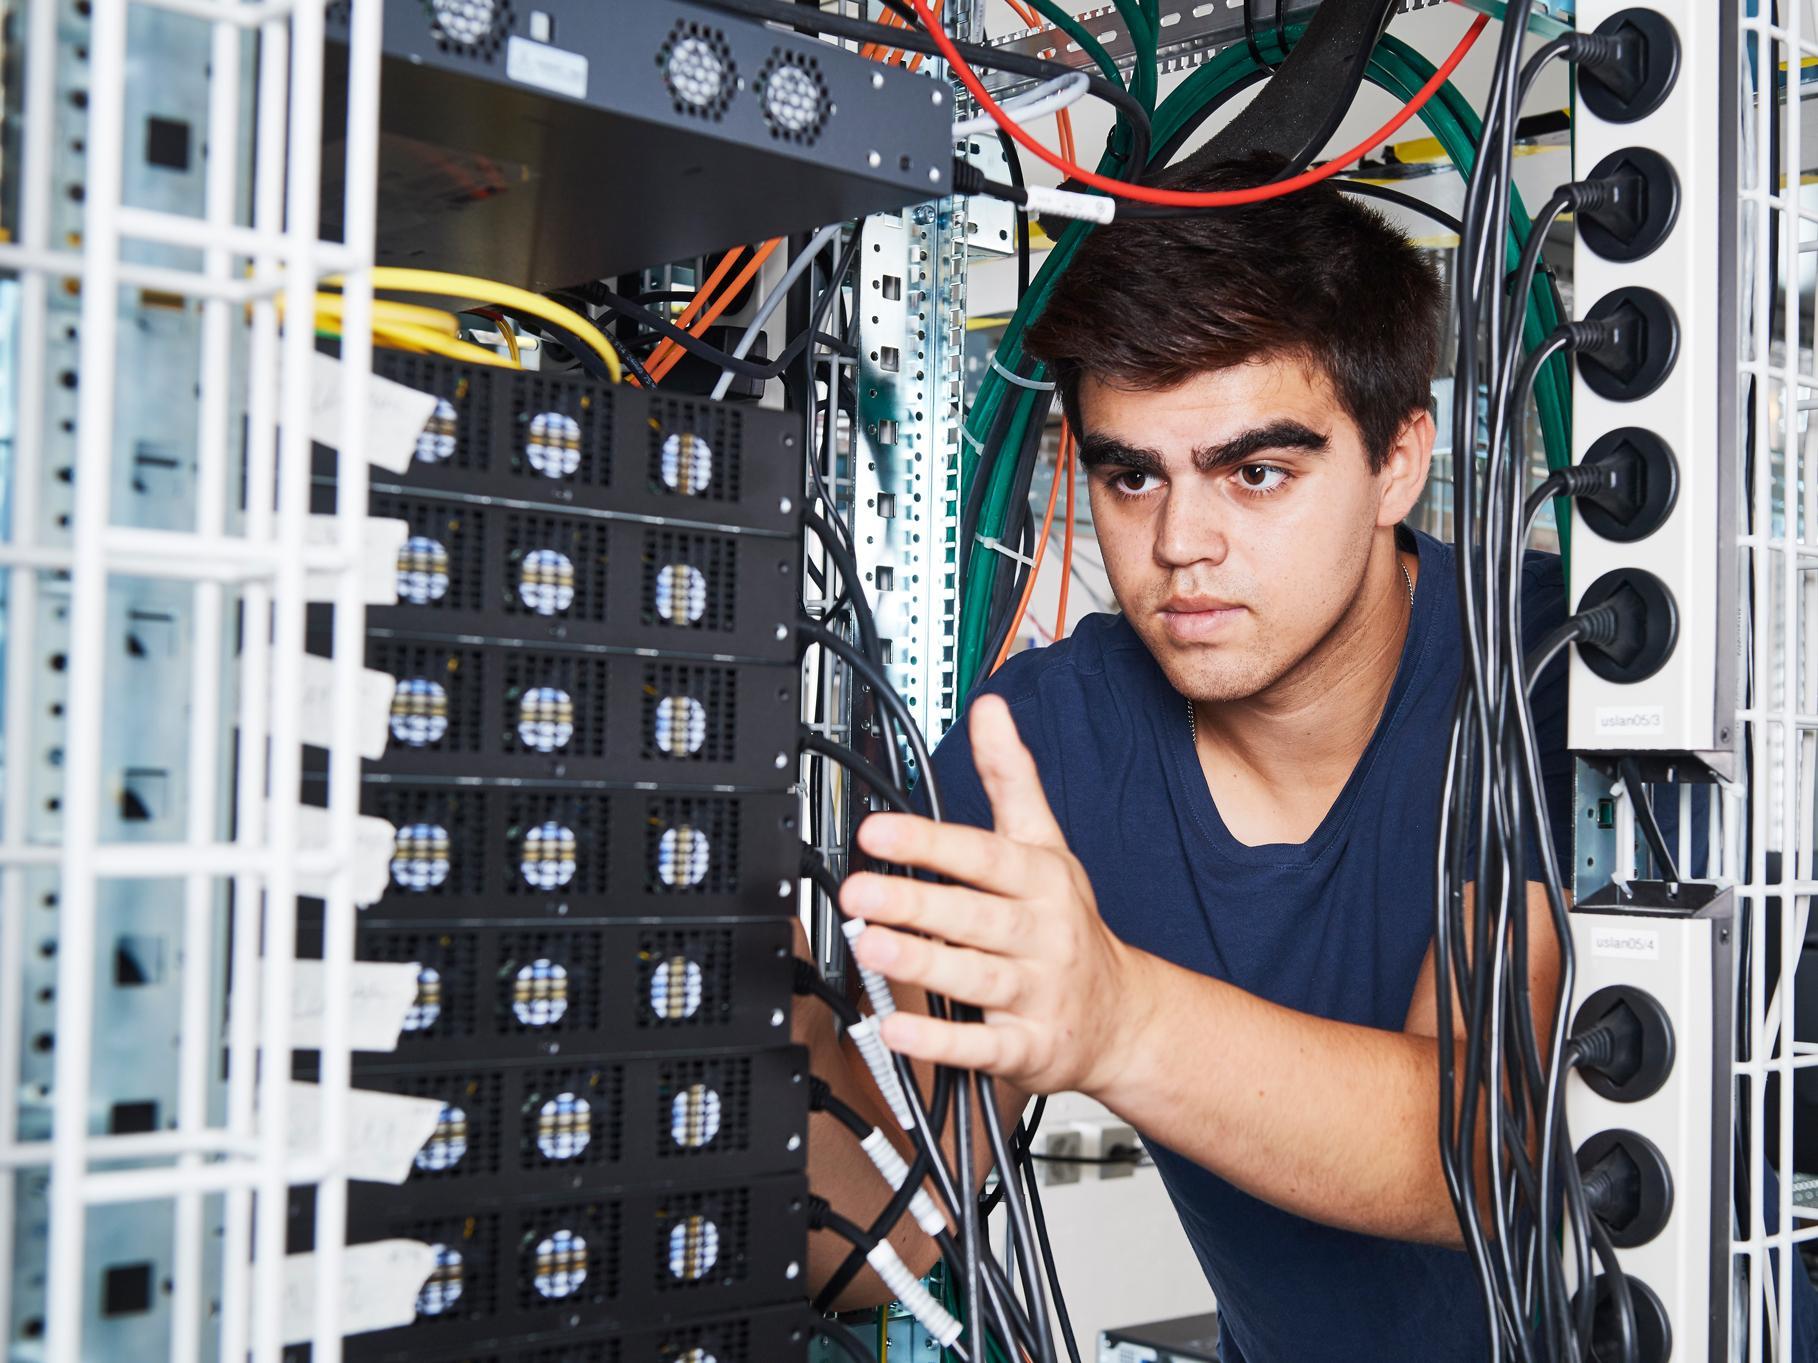 Informatiker EFZ bei der Arbeit